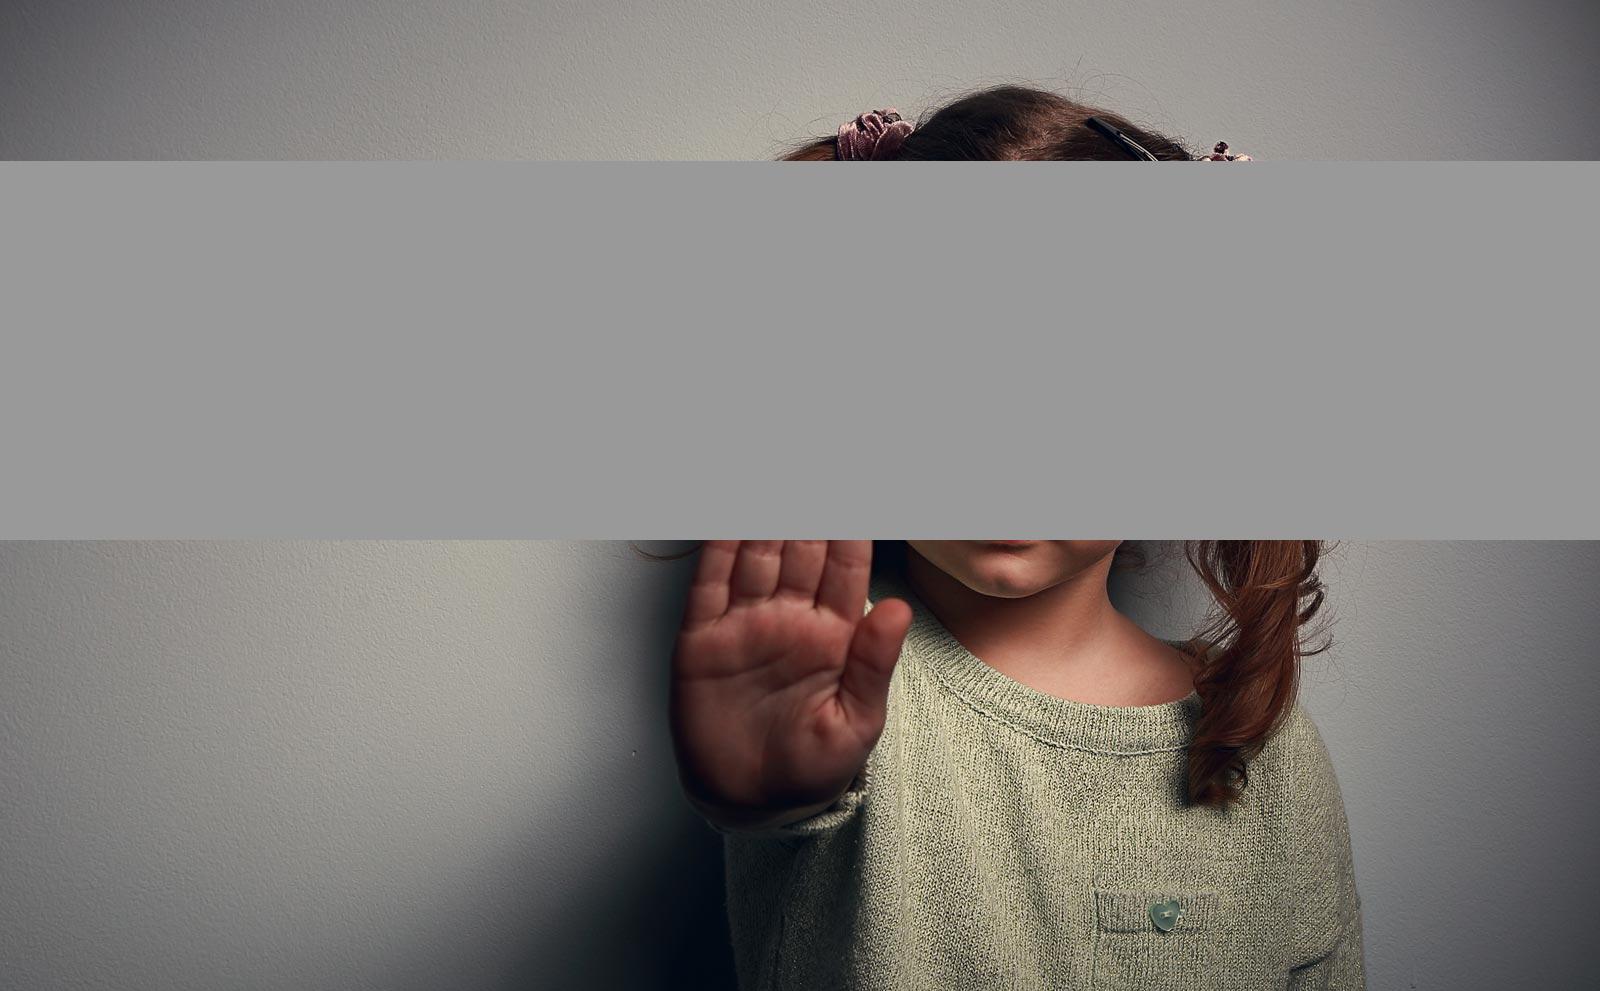 آزار و اذیت دختر بچه در یکی از بیمارستانهای شیراز